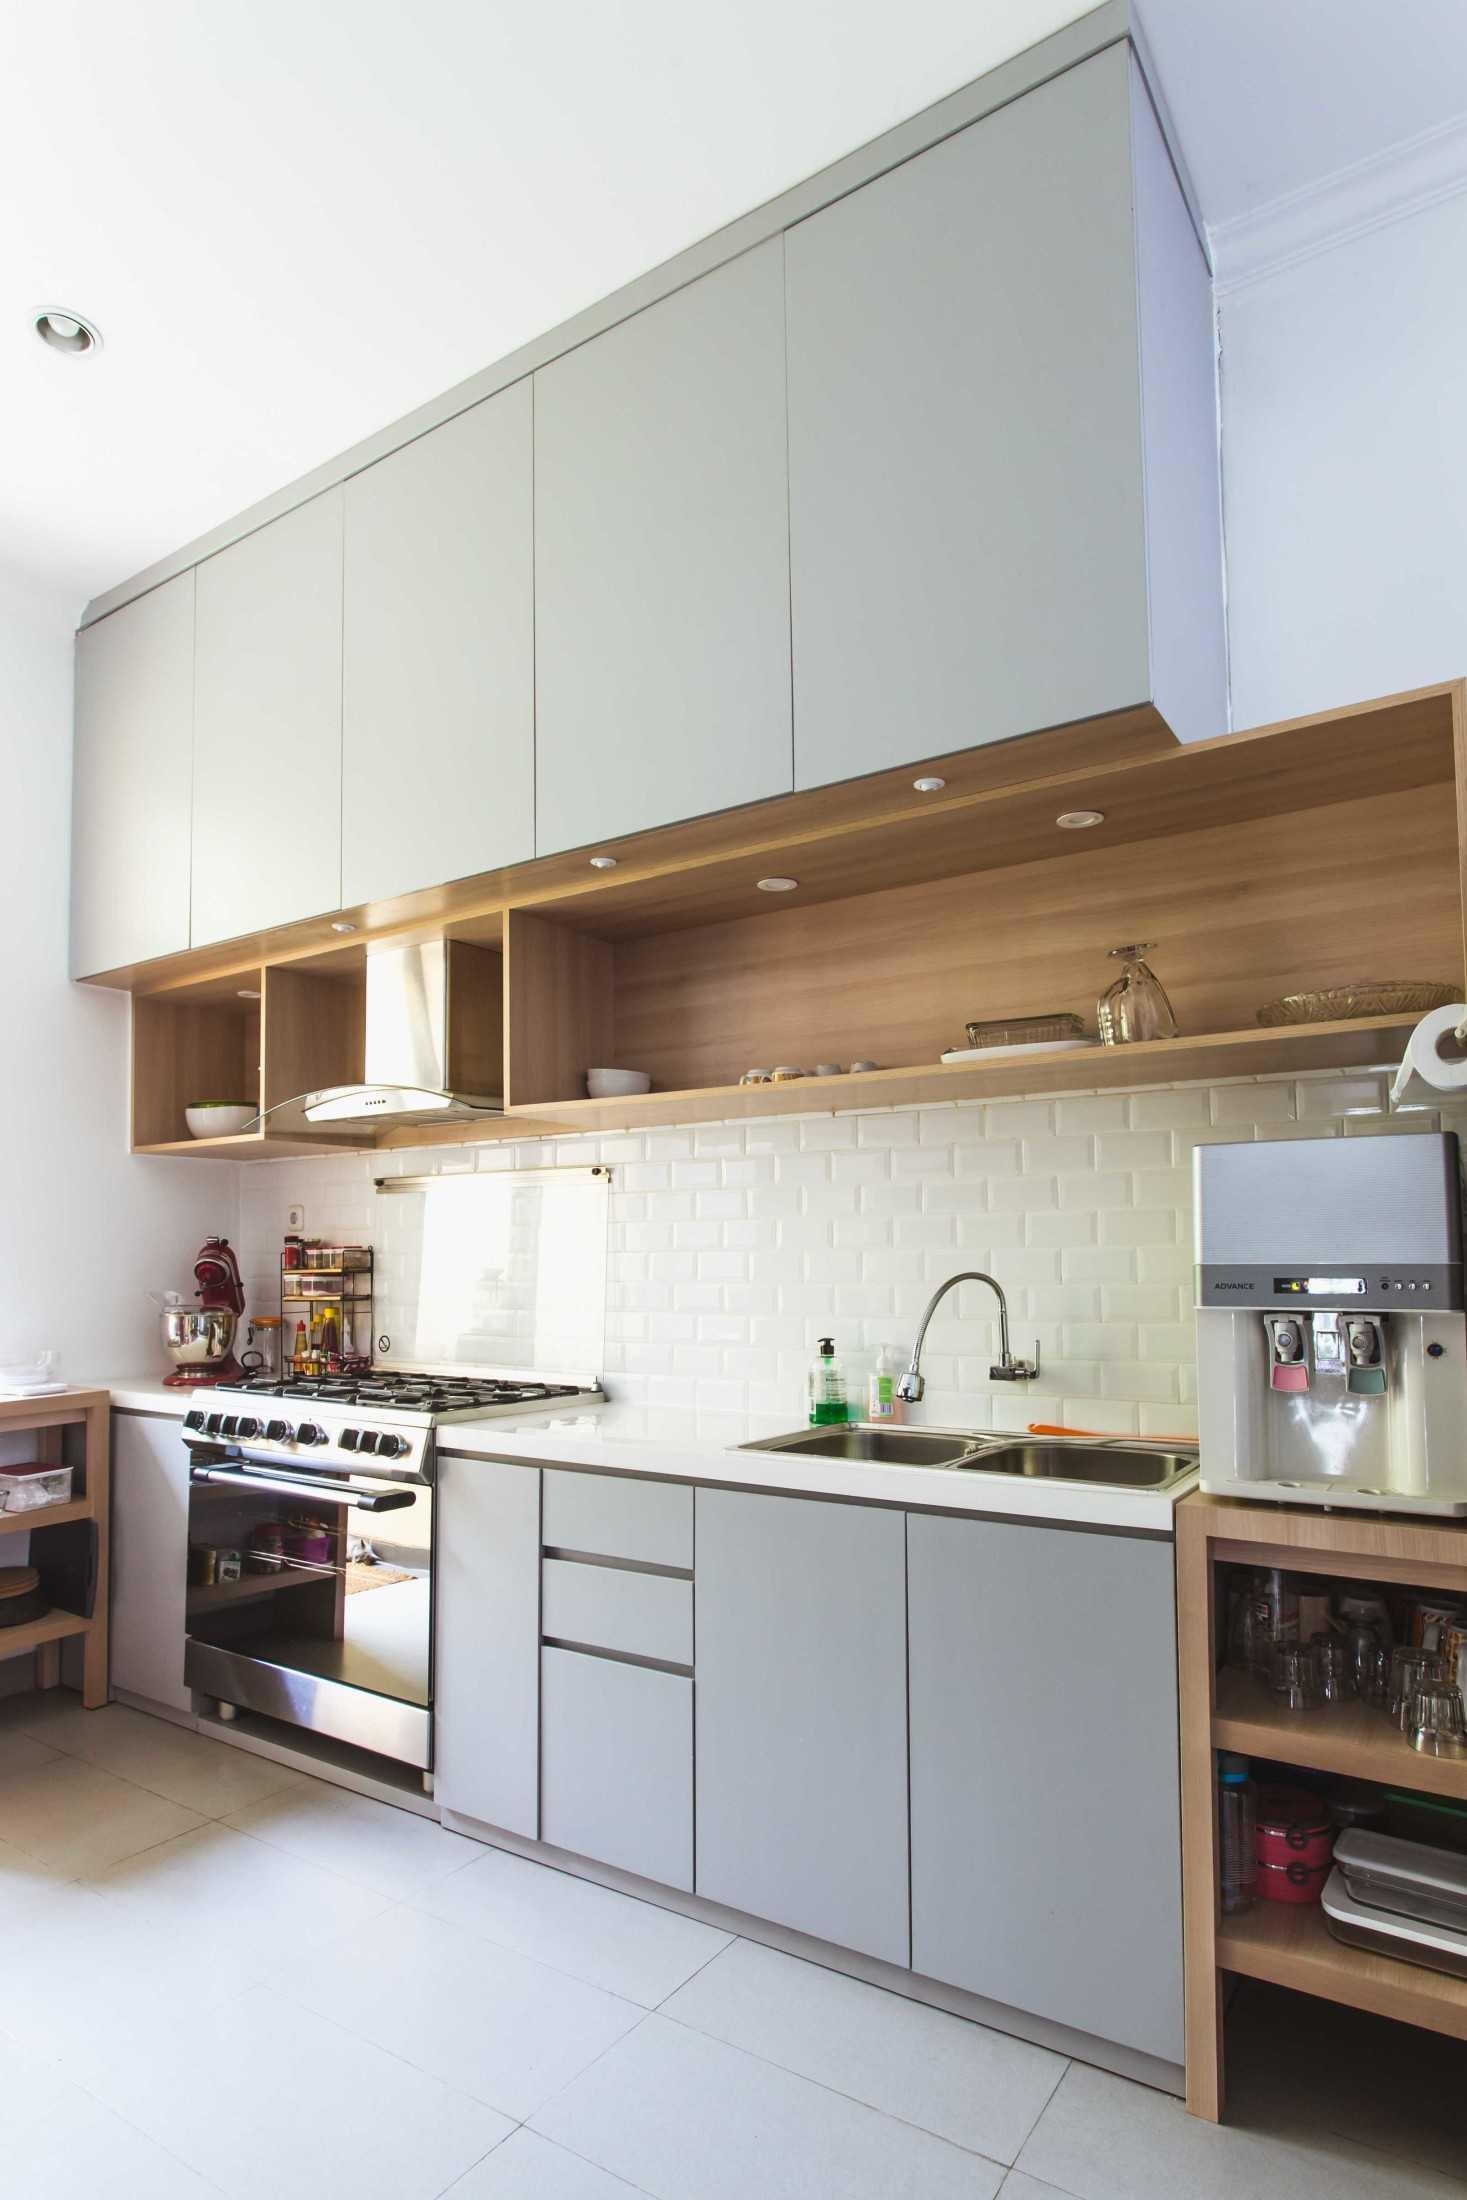 Jasa Interior Desainer Home by Fabelio.com di Depok